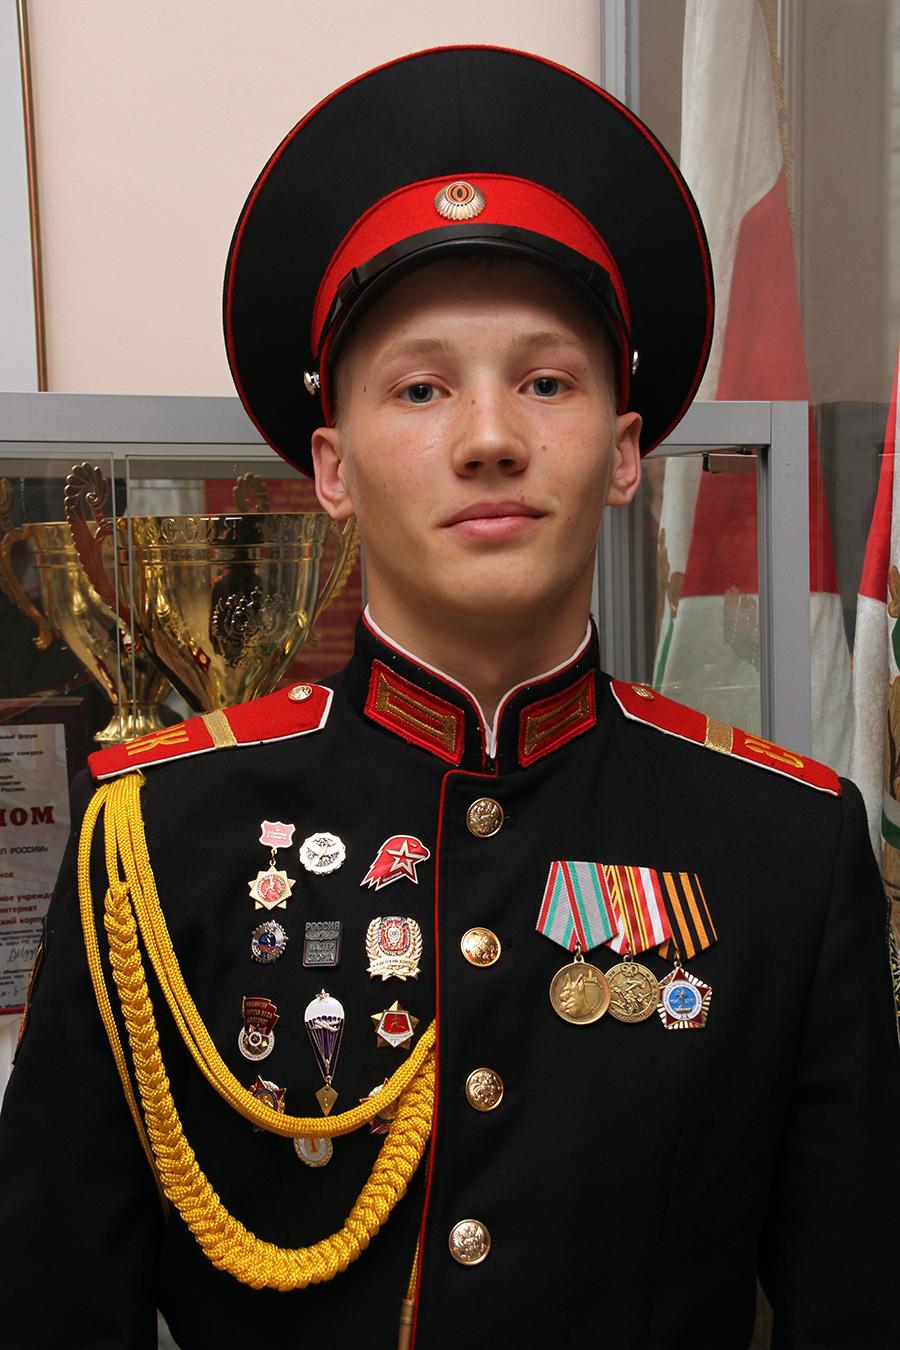 Первому юнармейцу Томской области вручен высший знак отличия Всероссийского детско-юношеского военно-патриотического движения